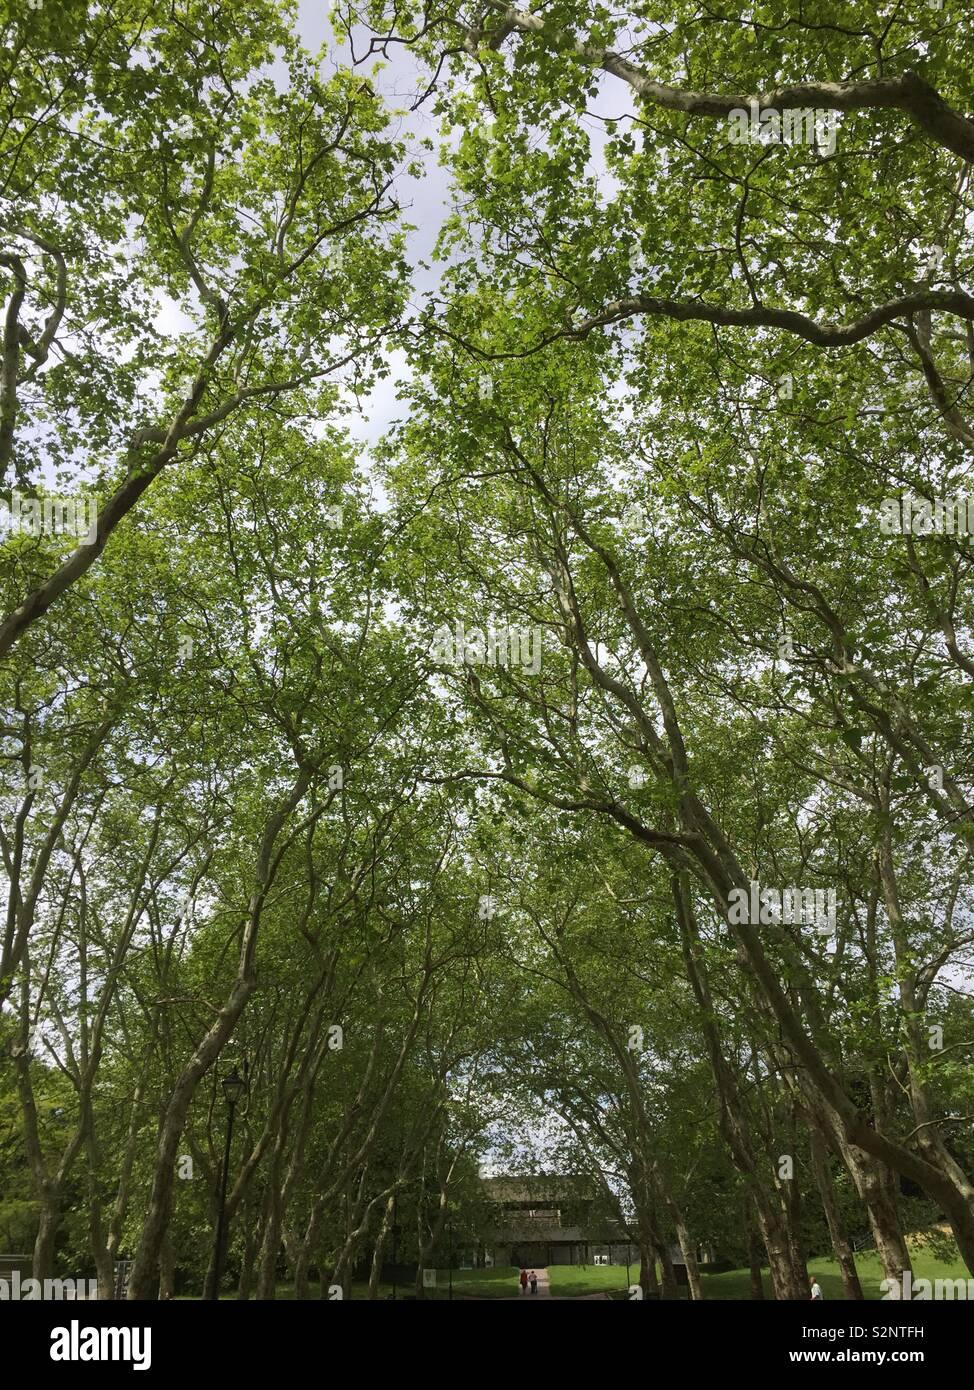 Crystal Palace Park trees May 2919 canopy green Stock Photo